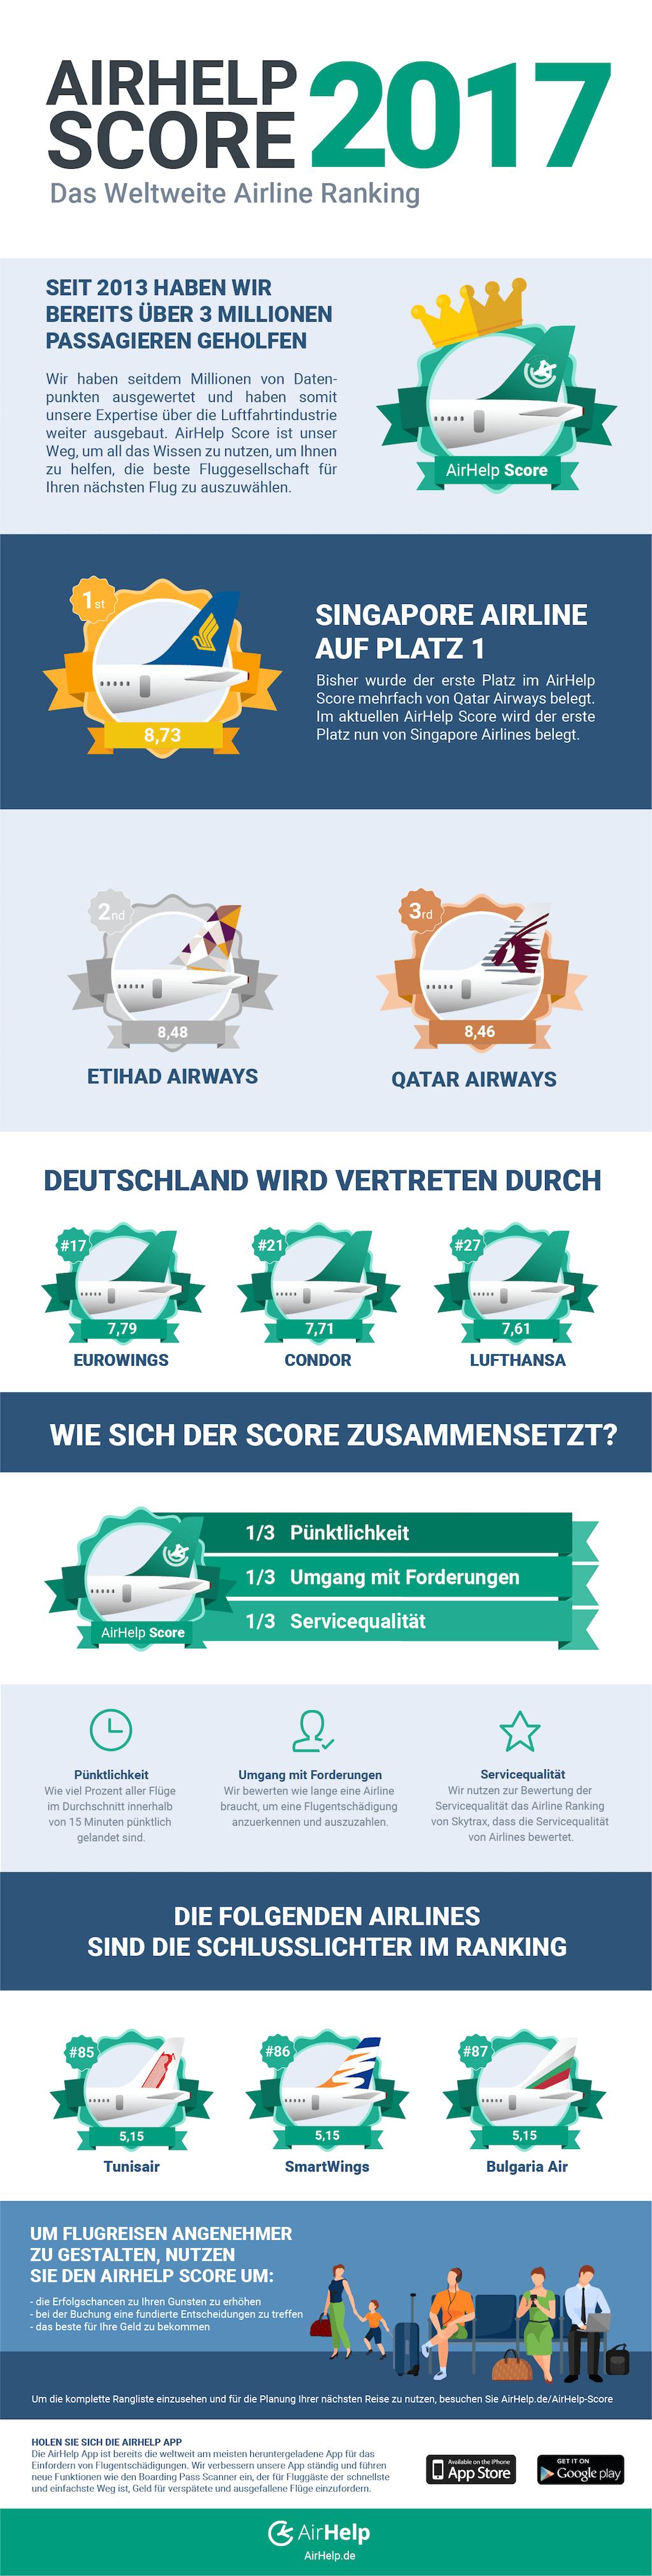 AirHelp-Airline-Score-2017-Deutschland